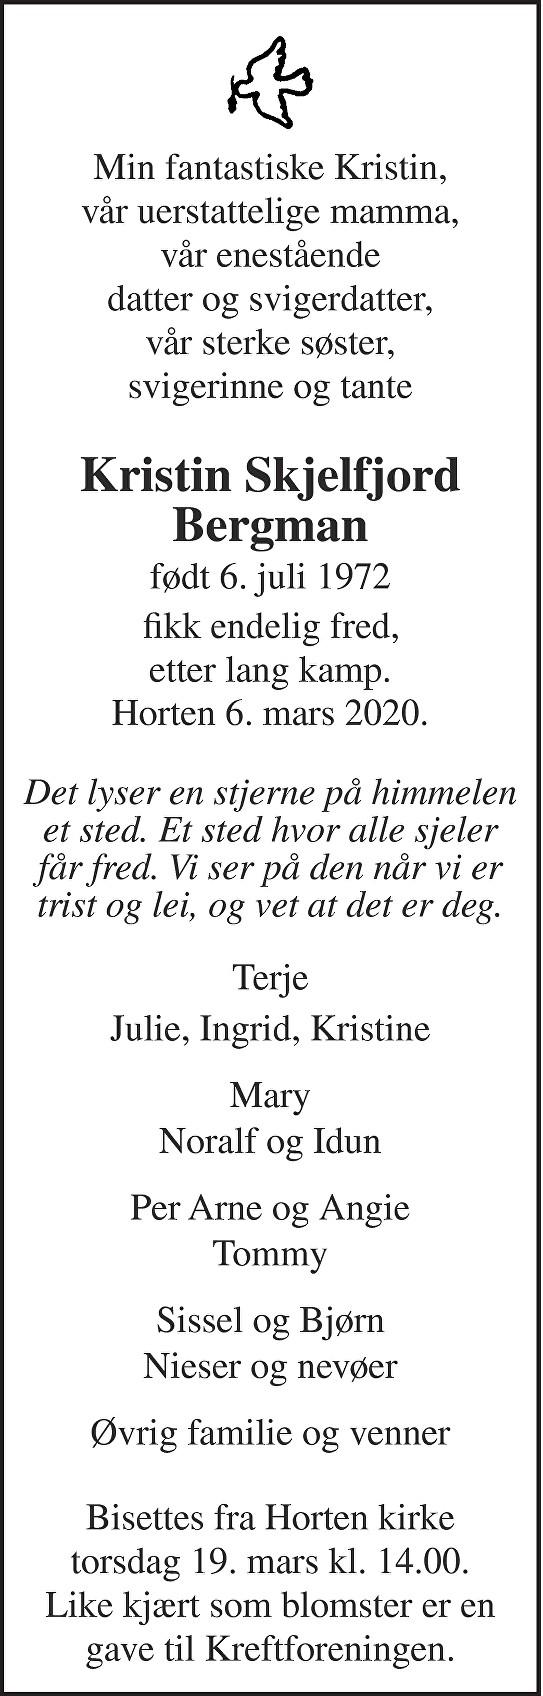 Kristin Skjelfjord Bergman Dødsannonse